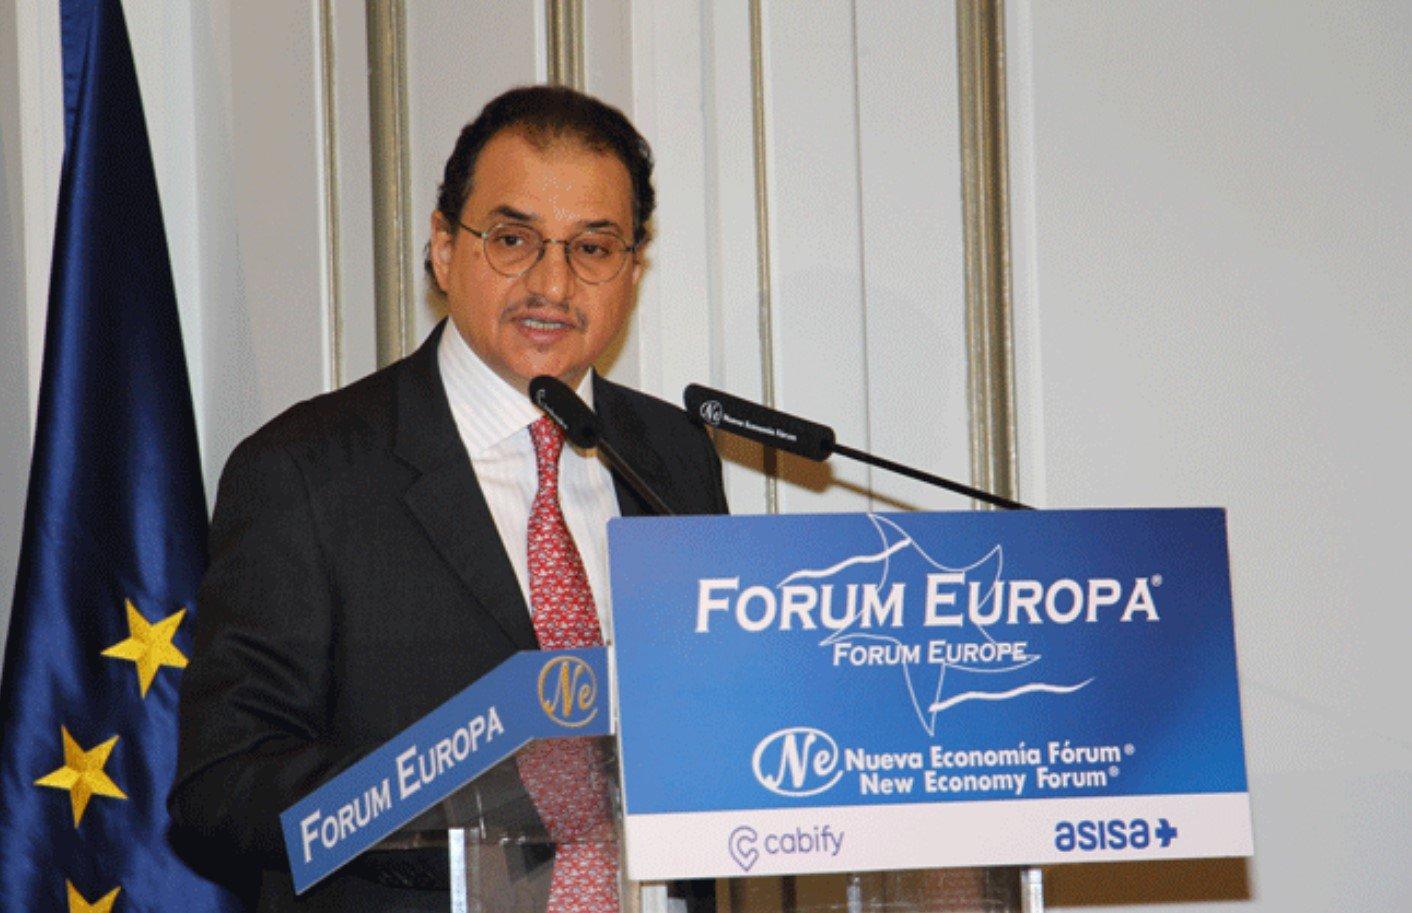 El embajador de Arabia Saudí en España: príncipe Mansour Bin Khalid Al Farhan Al-Saud